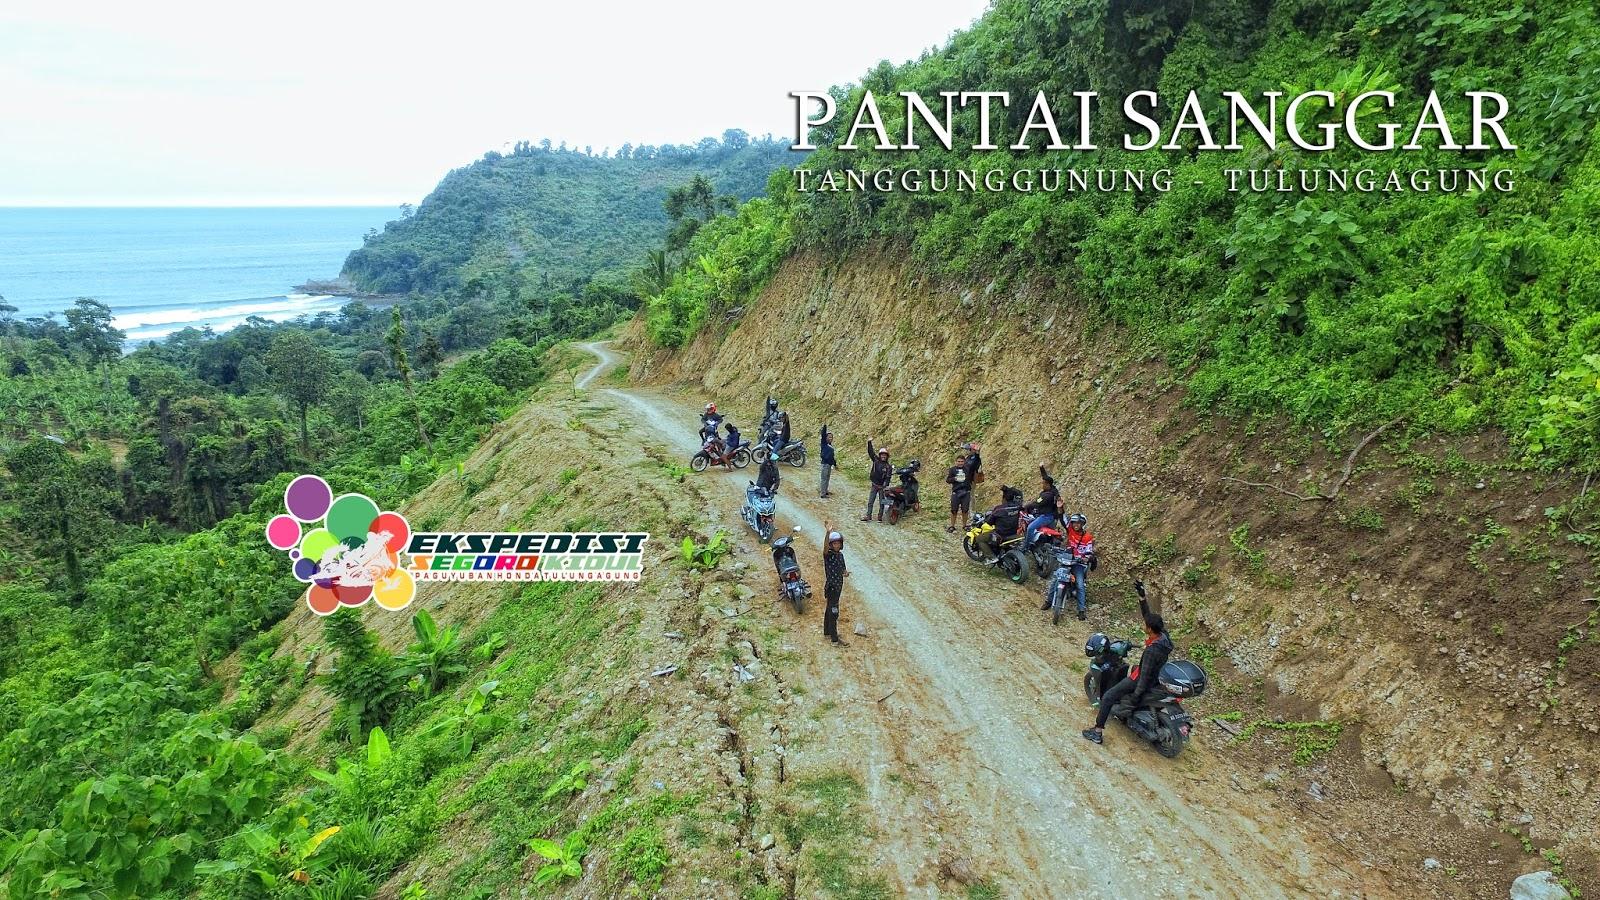 Info Akses Jalan Menuju Pantai Sanggar | Ekspedisi Segoro ...